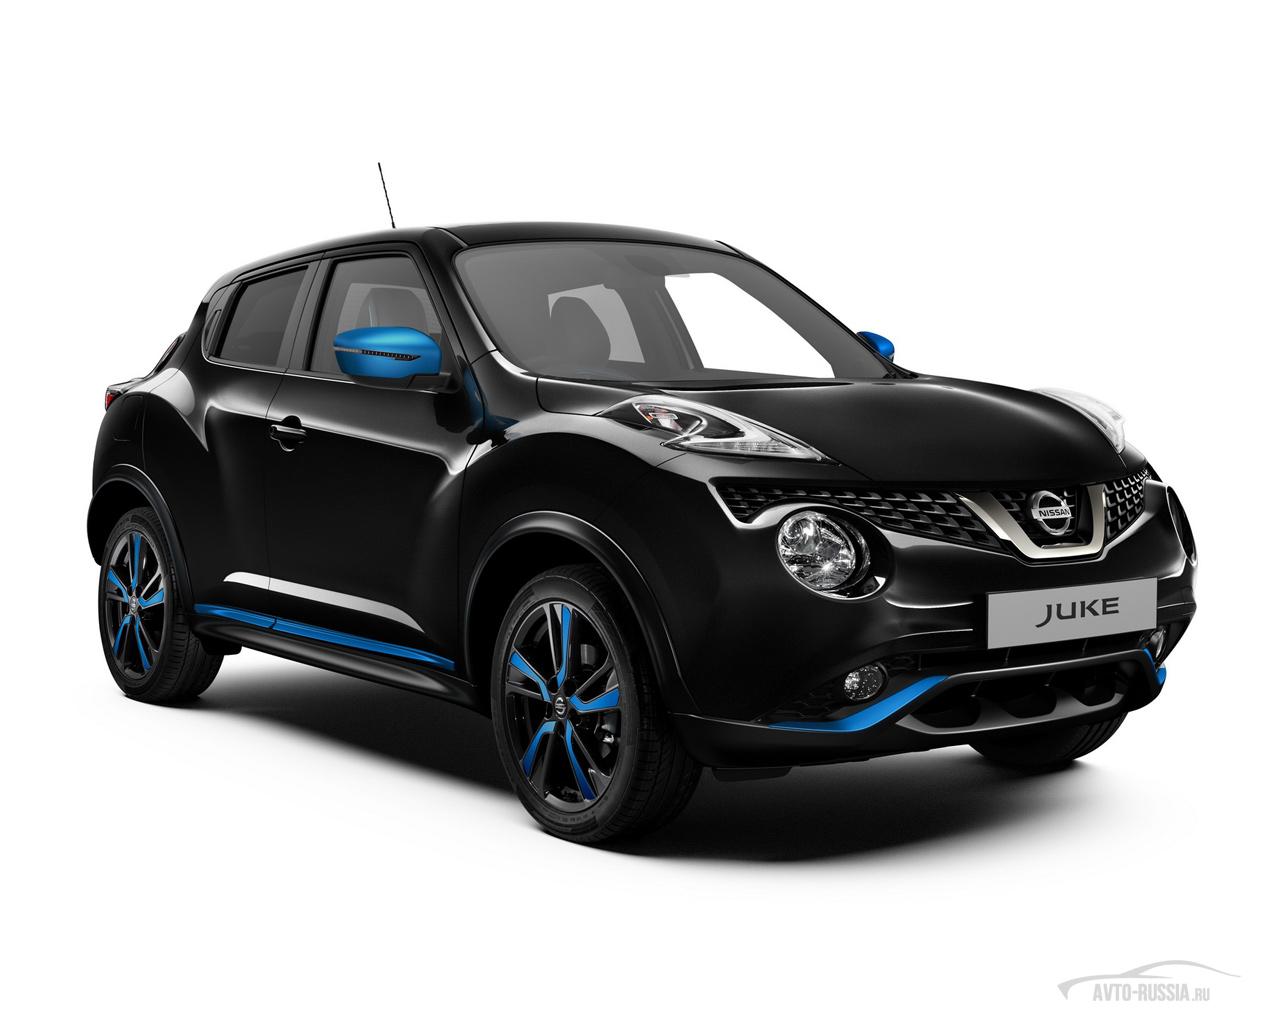 ������ ��� / ���� (Nissan Juke) - ����, ���� � ������ ...